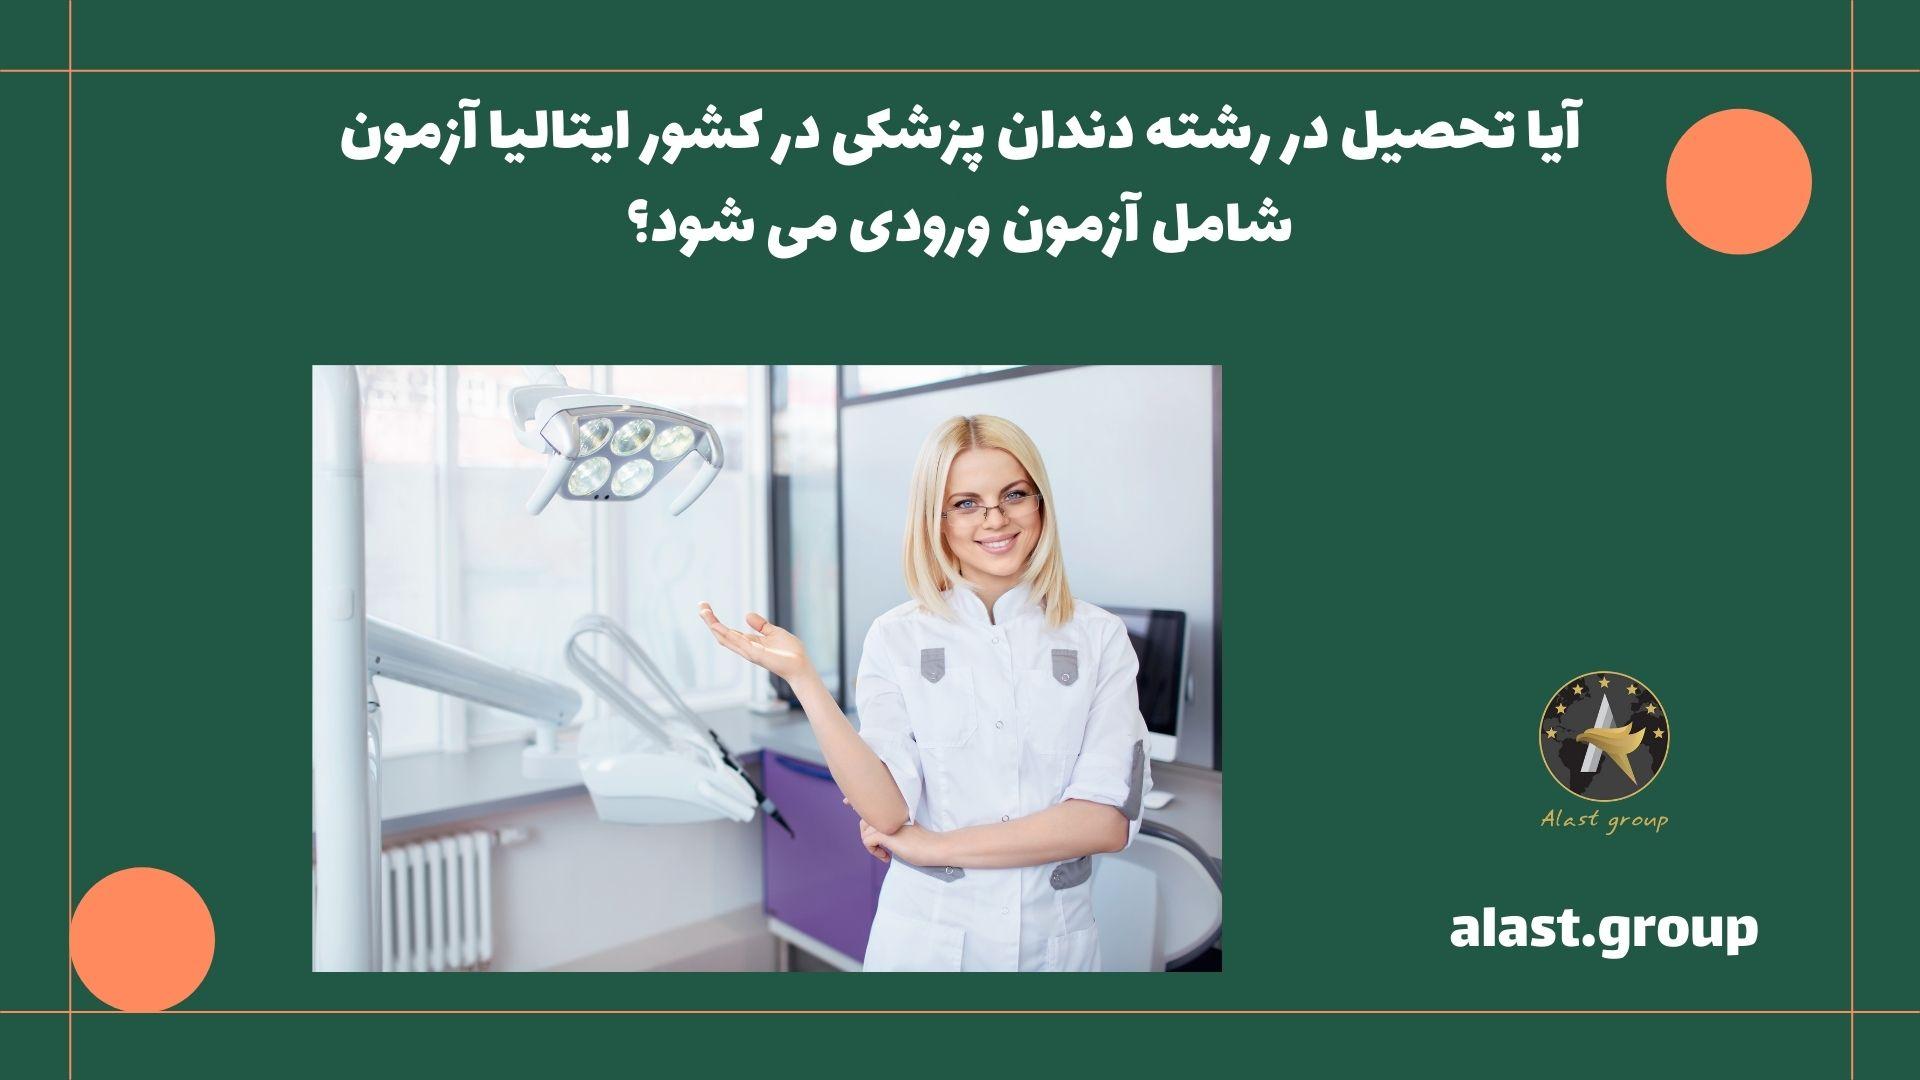 آیا تحصیل در رشته دندان پزشکی در کشور ایتالیا آزمون شامل آزمون ورودی می شود؟